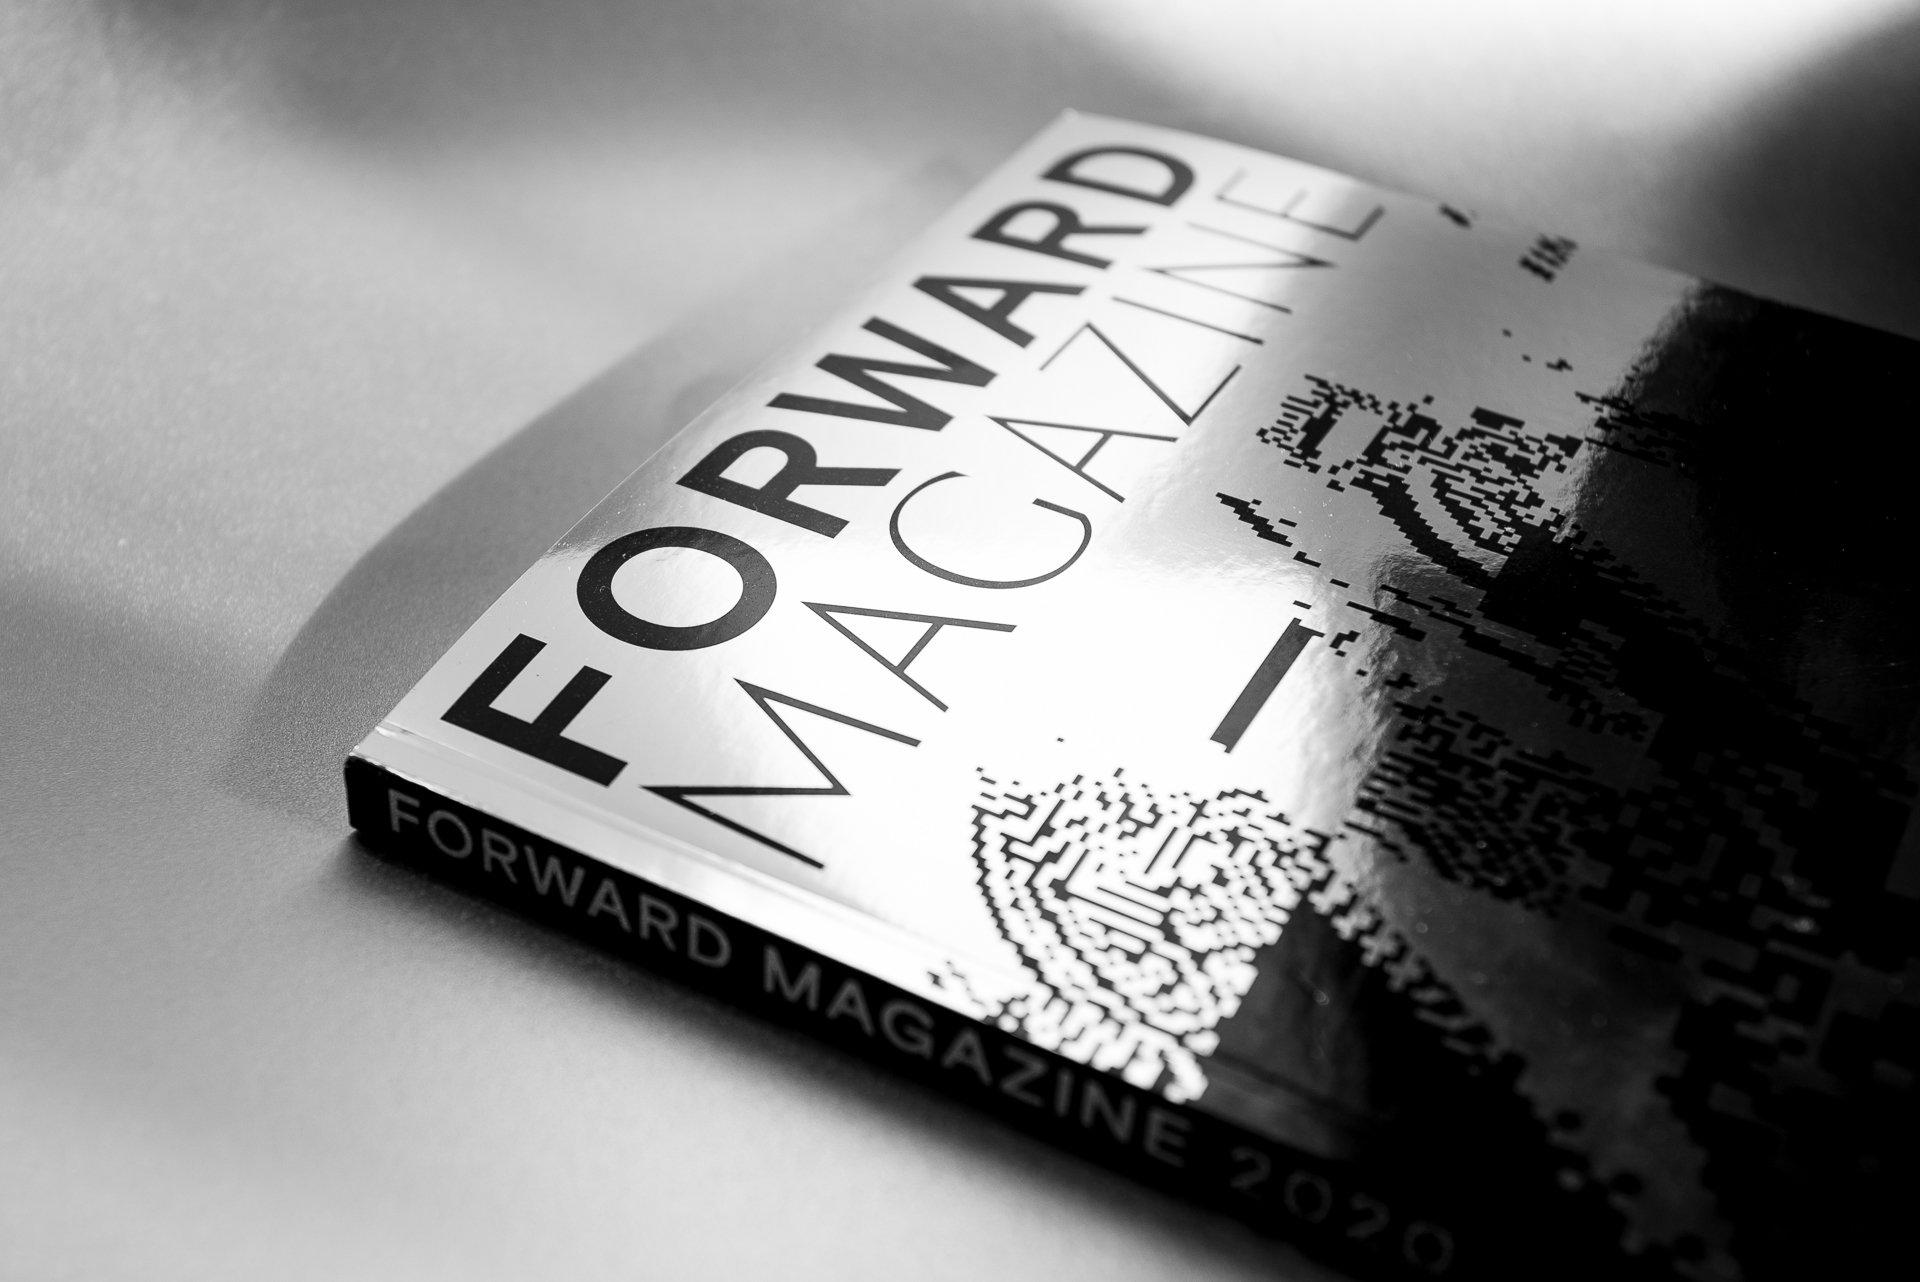 1-Forward-Mag-2020-2